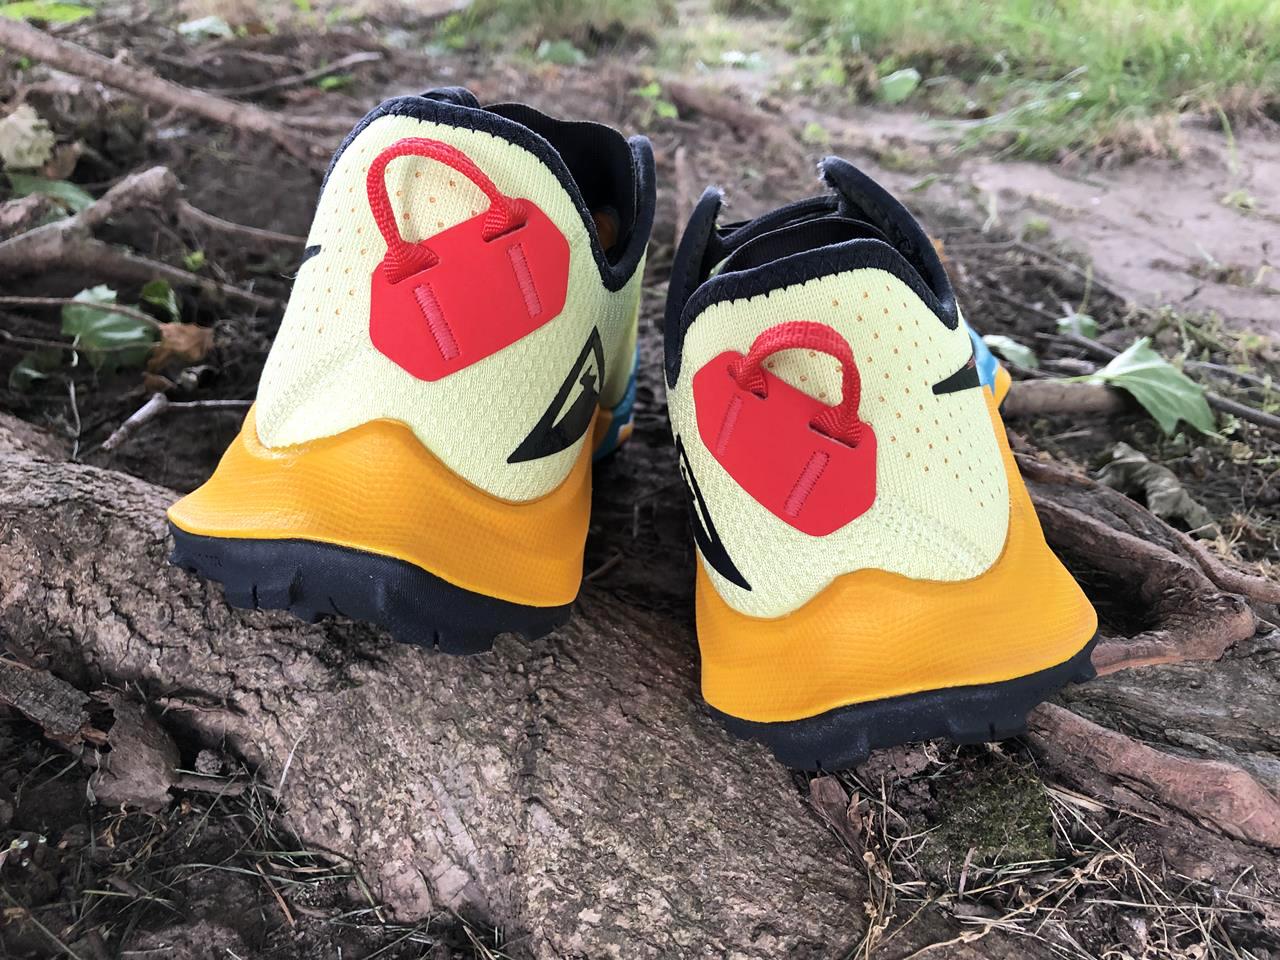 Nike Zoom Terra Kiger 7 - Heel